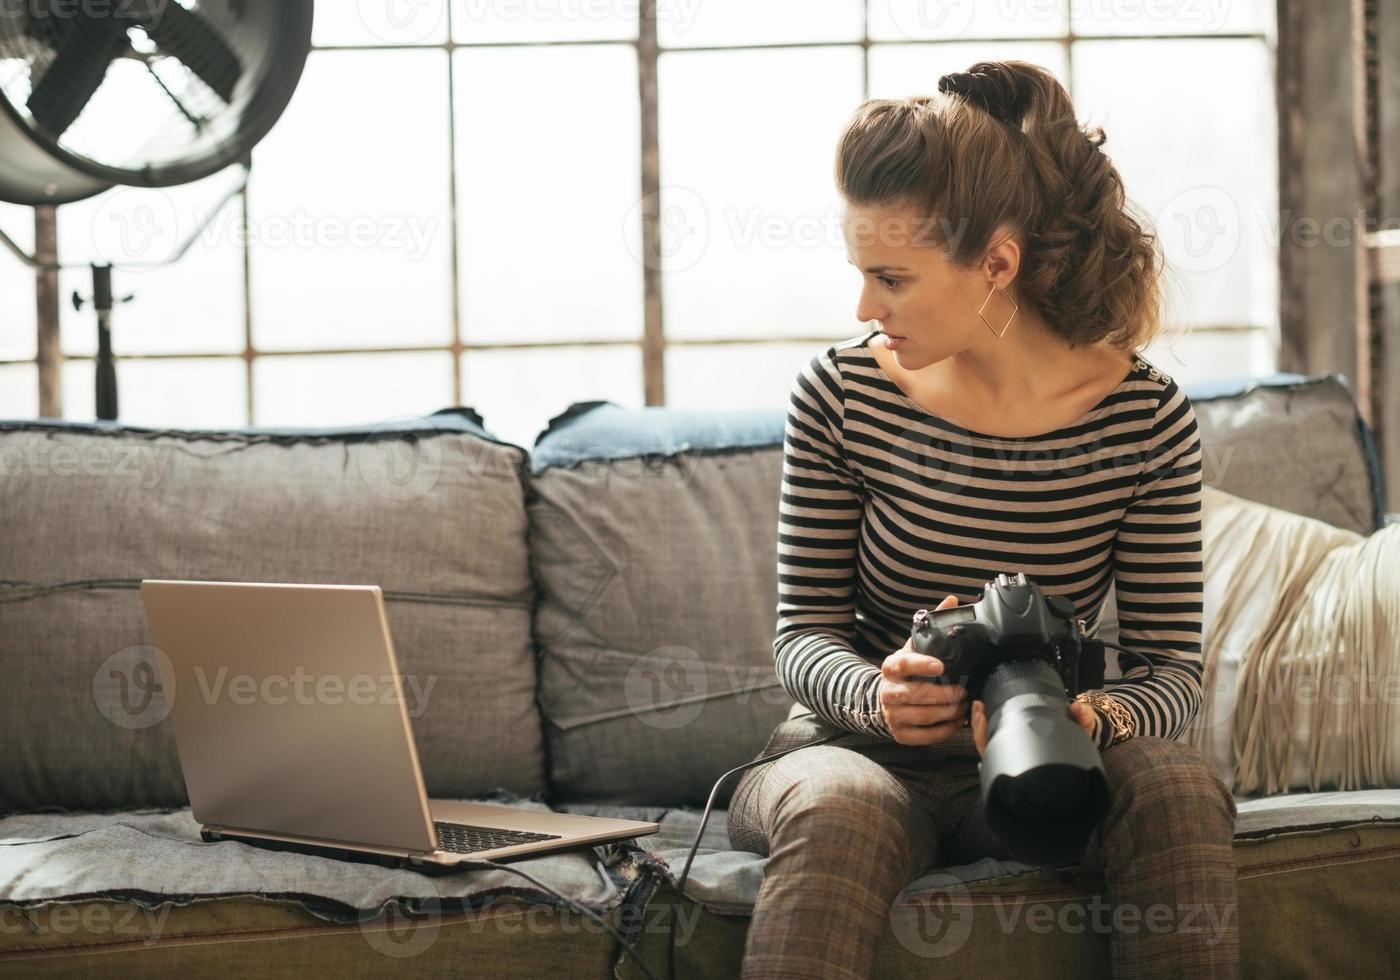 jeune femme, à, appareil photo reflex numérique moderne, portable utilisation